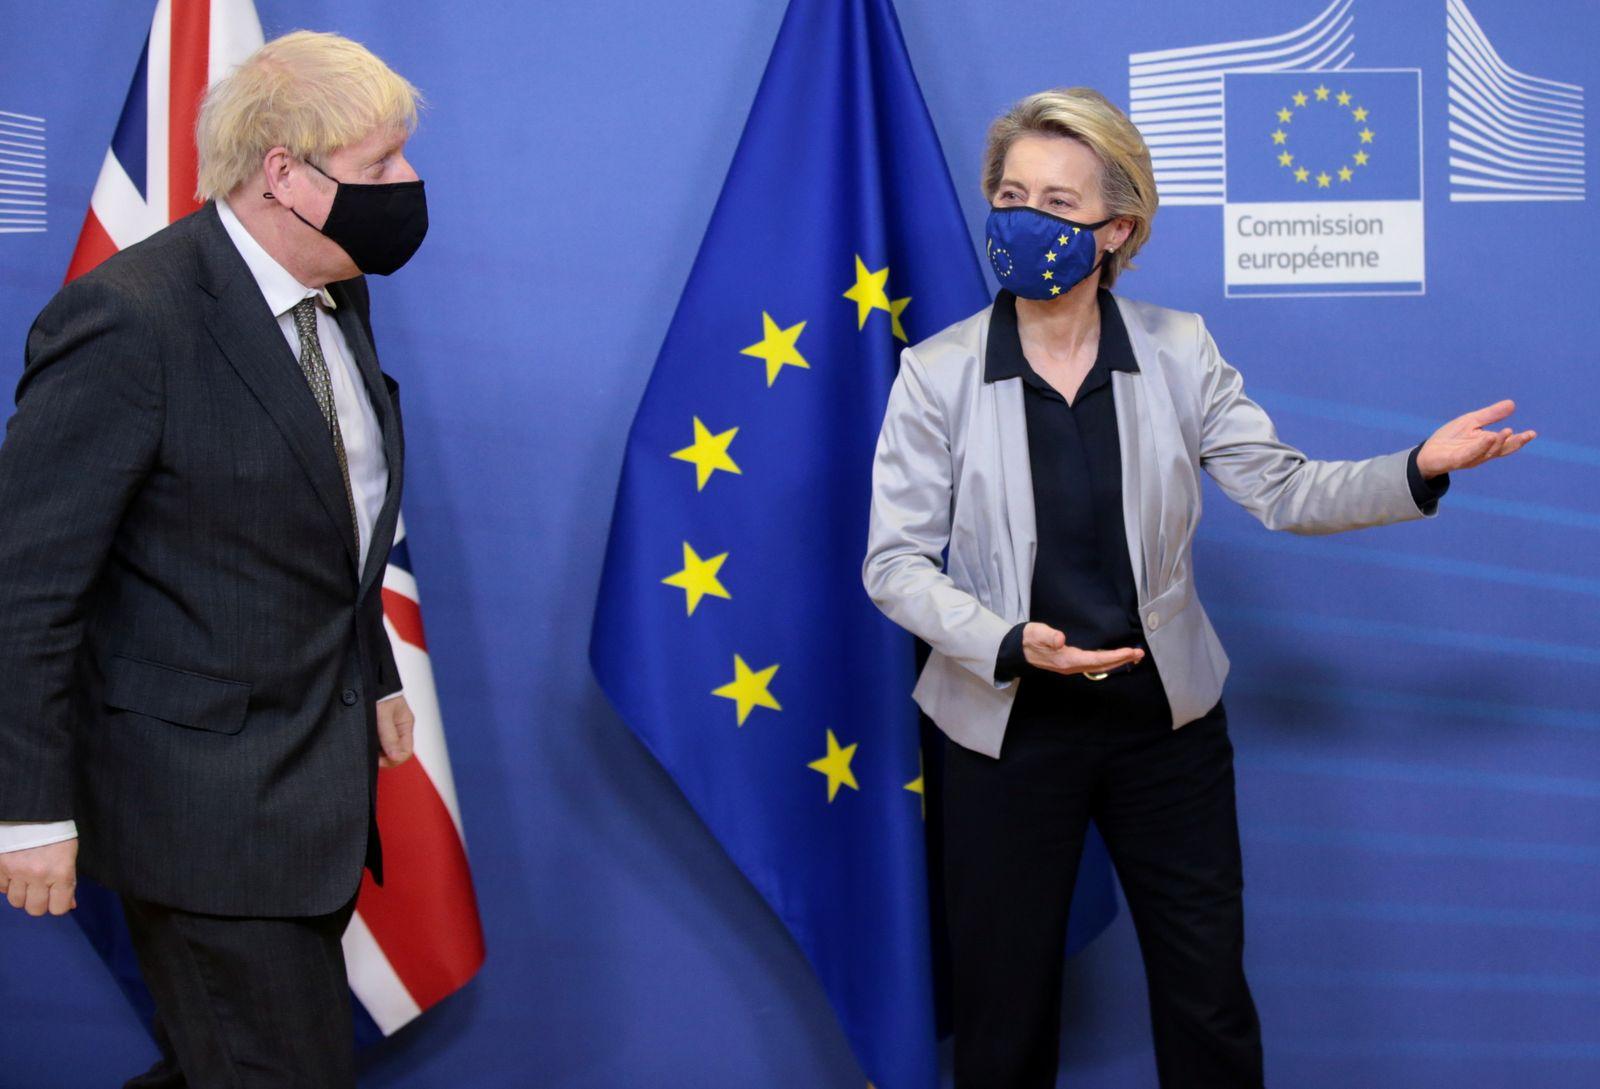 EU Commission President von der Leyen meets British PM Johnson in Brussels